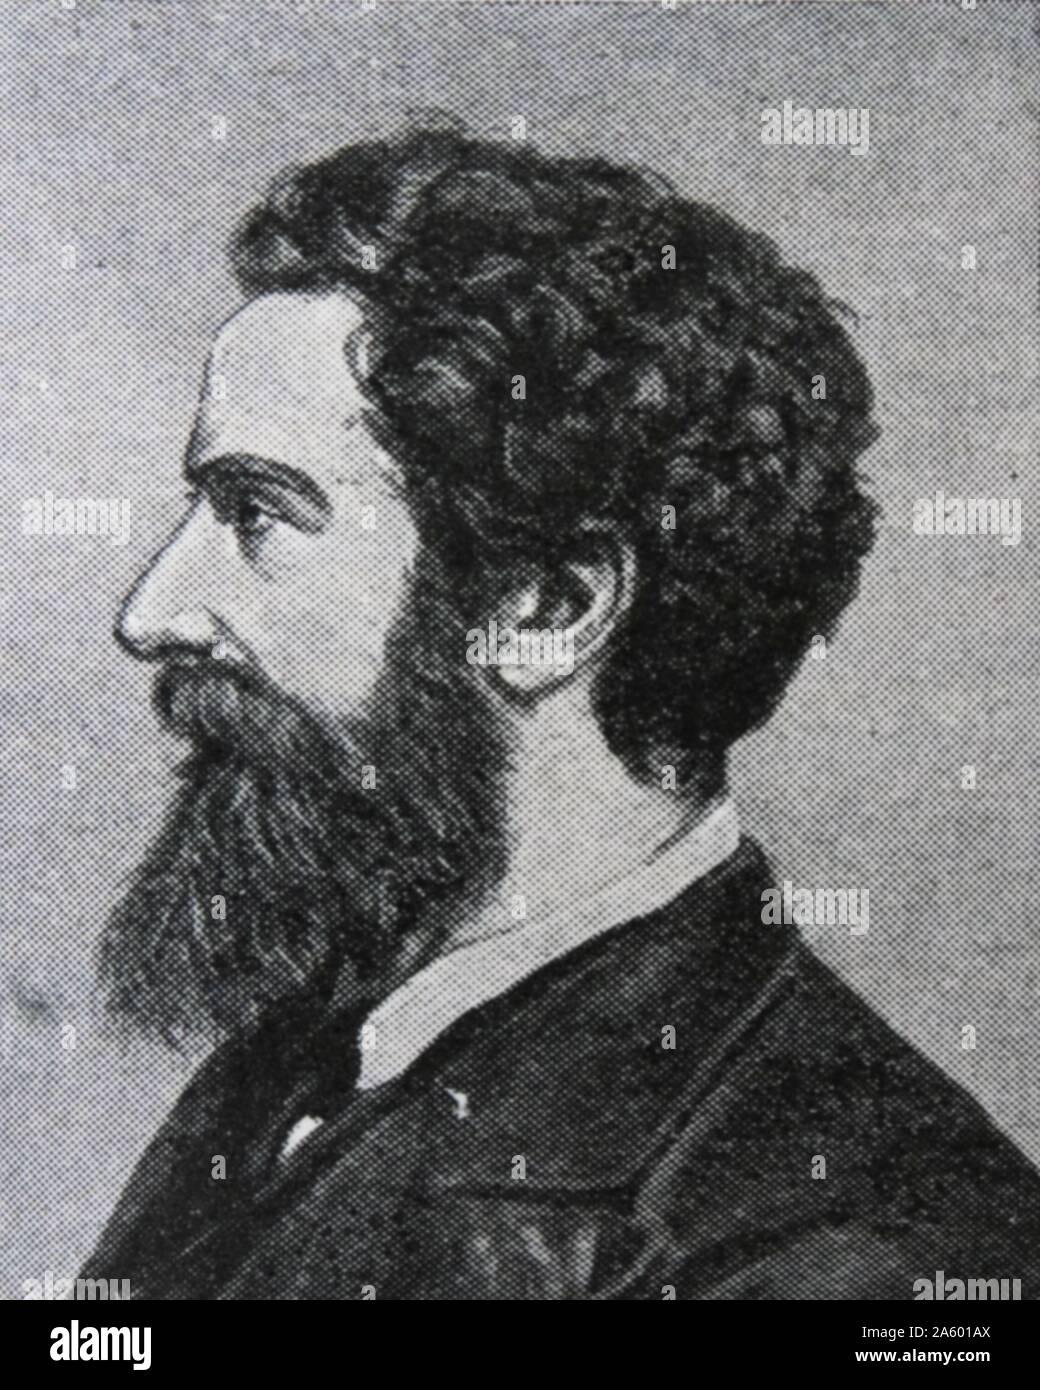 Edward Robert Lytton Bulwer-Lytton, 1er comte de Lytton. (8 novembre 1831 - 24 novembre 1891) Homme d'État et poète anglais. Il a servi comme vice-roi de l'Inde entre 1876 et 1880 Banque D'Images